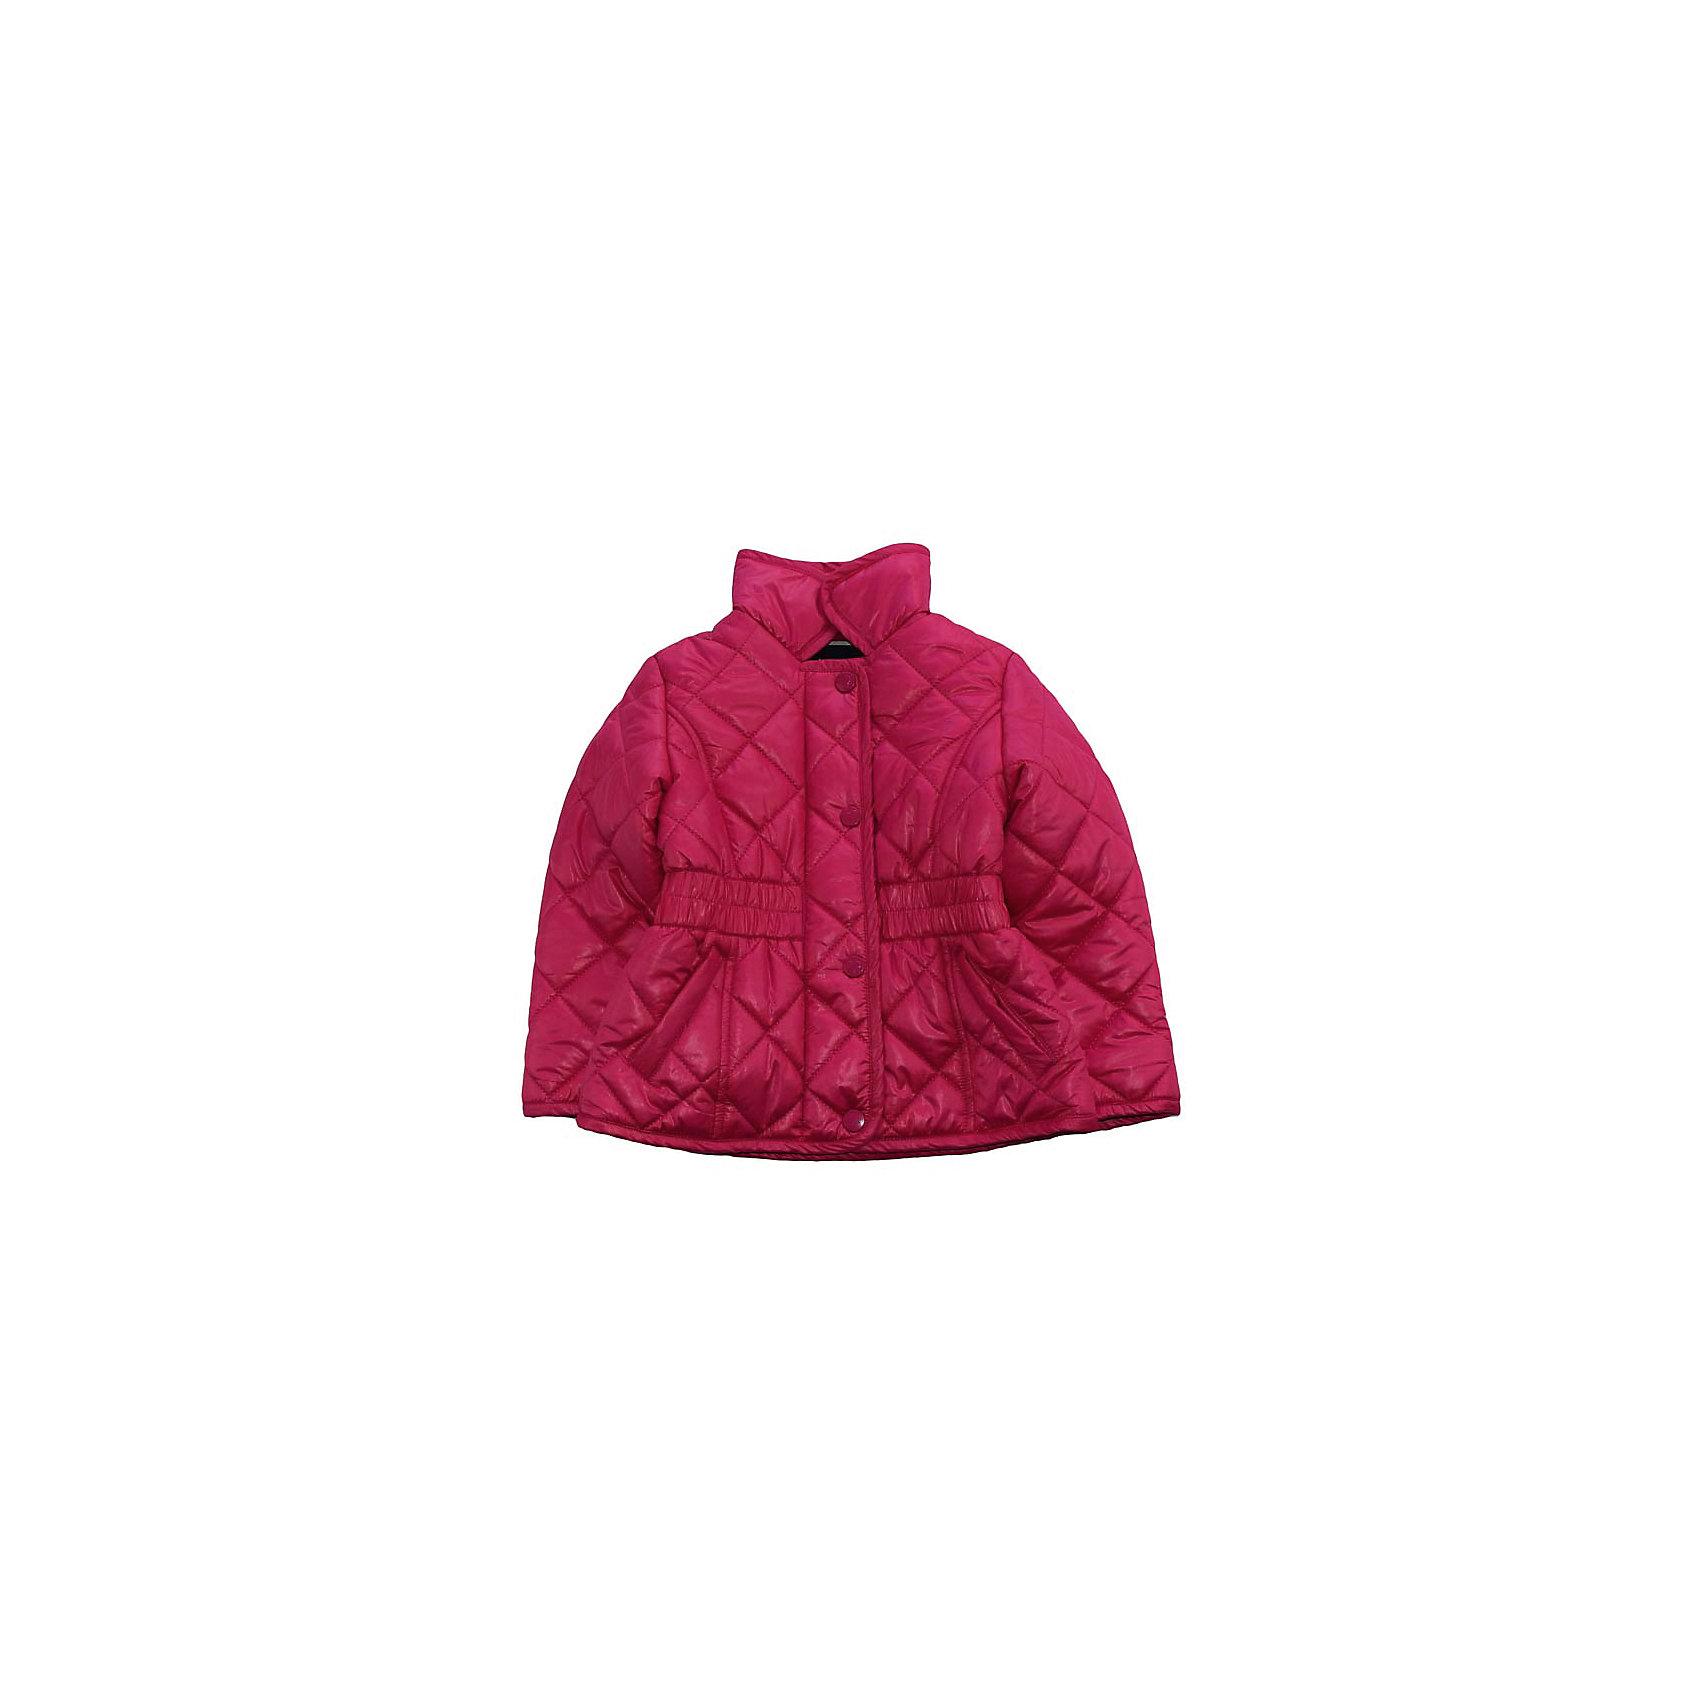 Пальто для девочки MinotiПальто для девочки от популярной  Minoti<br><br>Модное стеганое пальто разработано для прохладной погоды.<br><br>Особенности модели:<br><br>- утеплитель - синтепон;<br>- цвет: красный;<br>- подкладка;<br>- два прорезных кармана;<br>- отложной воротник;<br>- в поясе - резинка;<br>- застежка-молния, клапан на кнопках.<br><br>Дополнительная информация:<br><br>Состав: 100% полиэстер<br><br>Уход за изделием:<br><br>не отбеливать.<br>стирка в машине при температуре до 30°С,<br><br>Температурный режим: от -0° С  до + 15° С.<br><br>Пальто для девочки от Minoti (Минотти) можно купить в нашем магазине<br><br>Ширина мм: 190<br>Глубина мм: 74<br>Высота мм: 229<br>Вес г: 236<br>Цвет: красный<br>Возраст от месяцев: 18<br>Возраст до месяцев: 24<br>Пол: Женский<br>Возраст: Детский<br>Размер: 98/104,92/98,86/92,80/86<br>SKU: 4263369